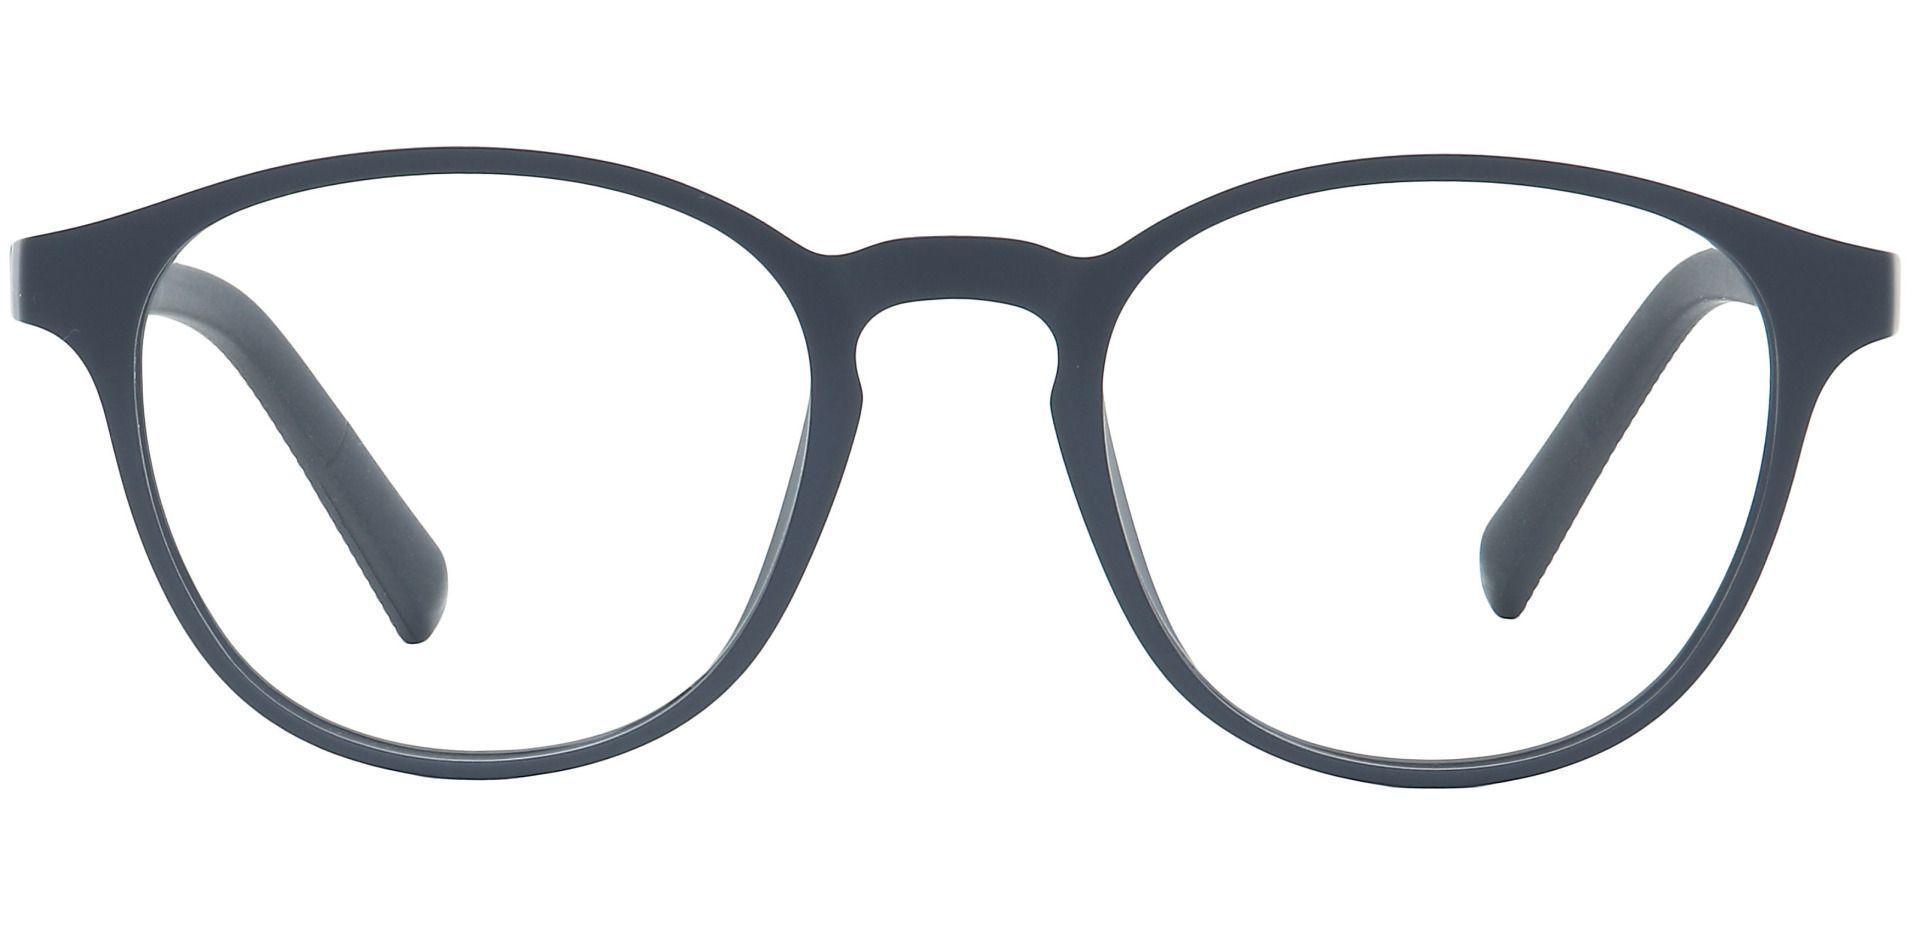 Flex Round Prescription Glasses - Gray